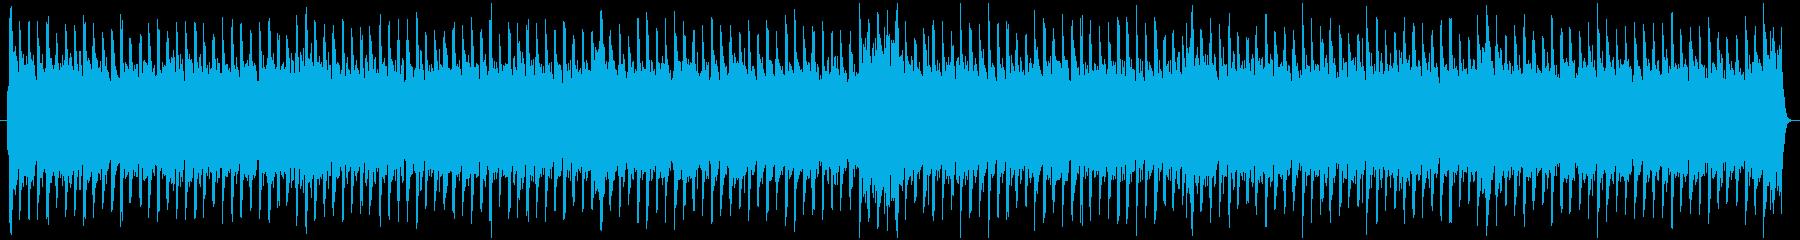 楽しい感じでノリ良いBGMの再生済みの波形